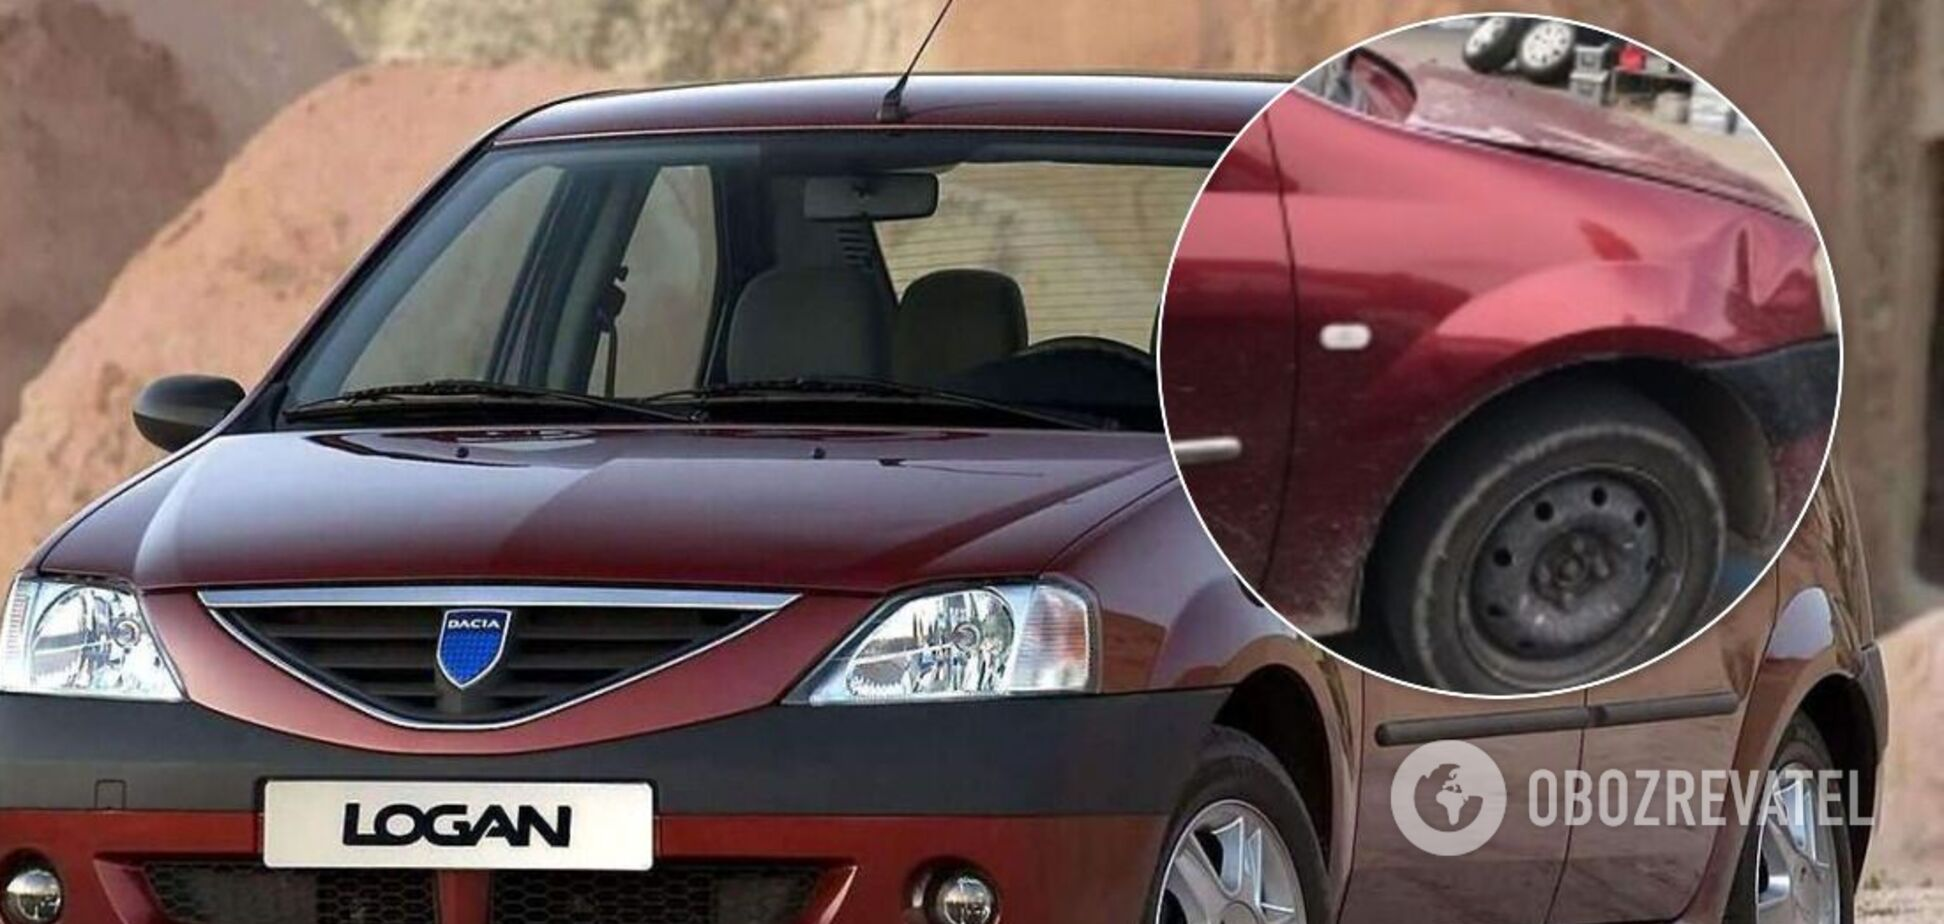 Небезпечне авто: в Києві Dacia Logan здивувала відсутністю шин